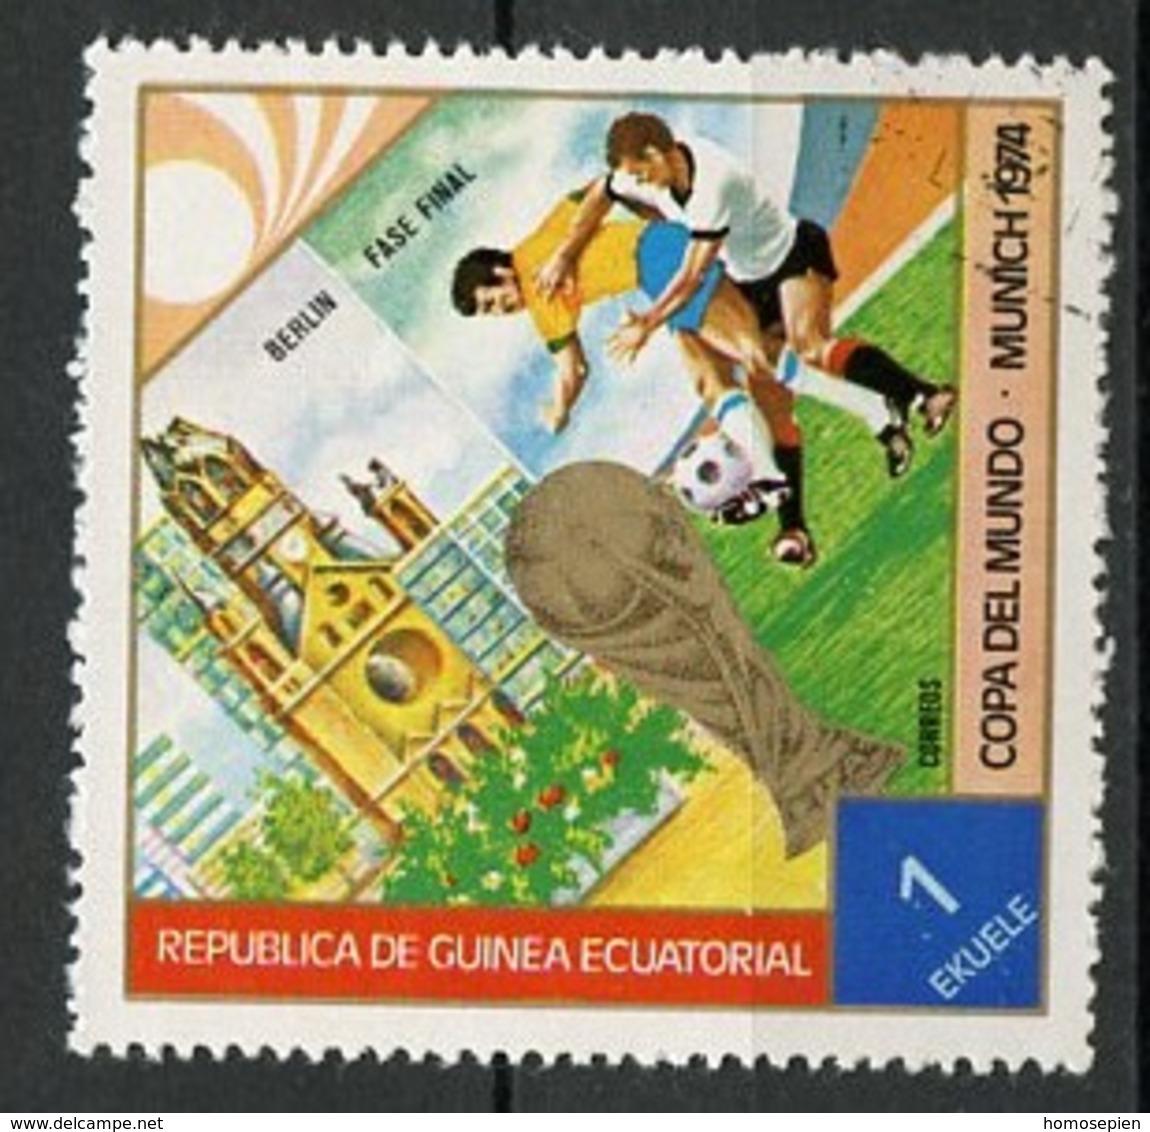 Guinée équatoriale - Guinea 1974 Y&T N°42-1e - Michel N°342 (o) - 1e Coupe Du Monde à Munich - Guinée Equatoriale